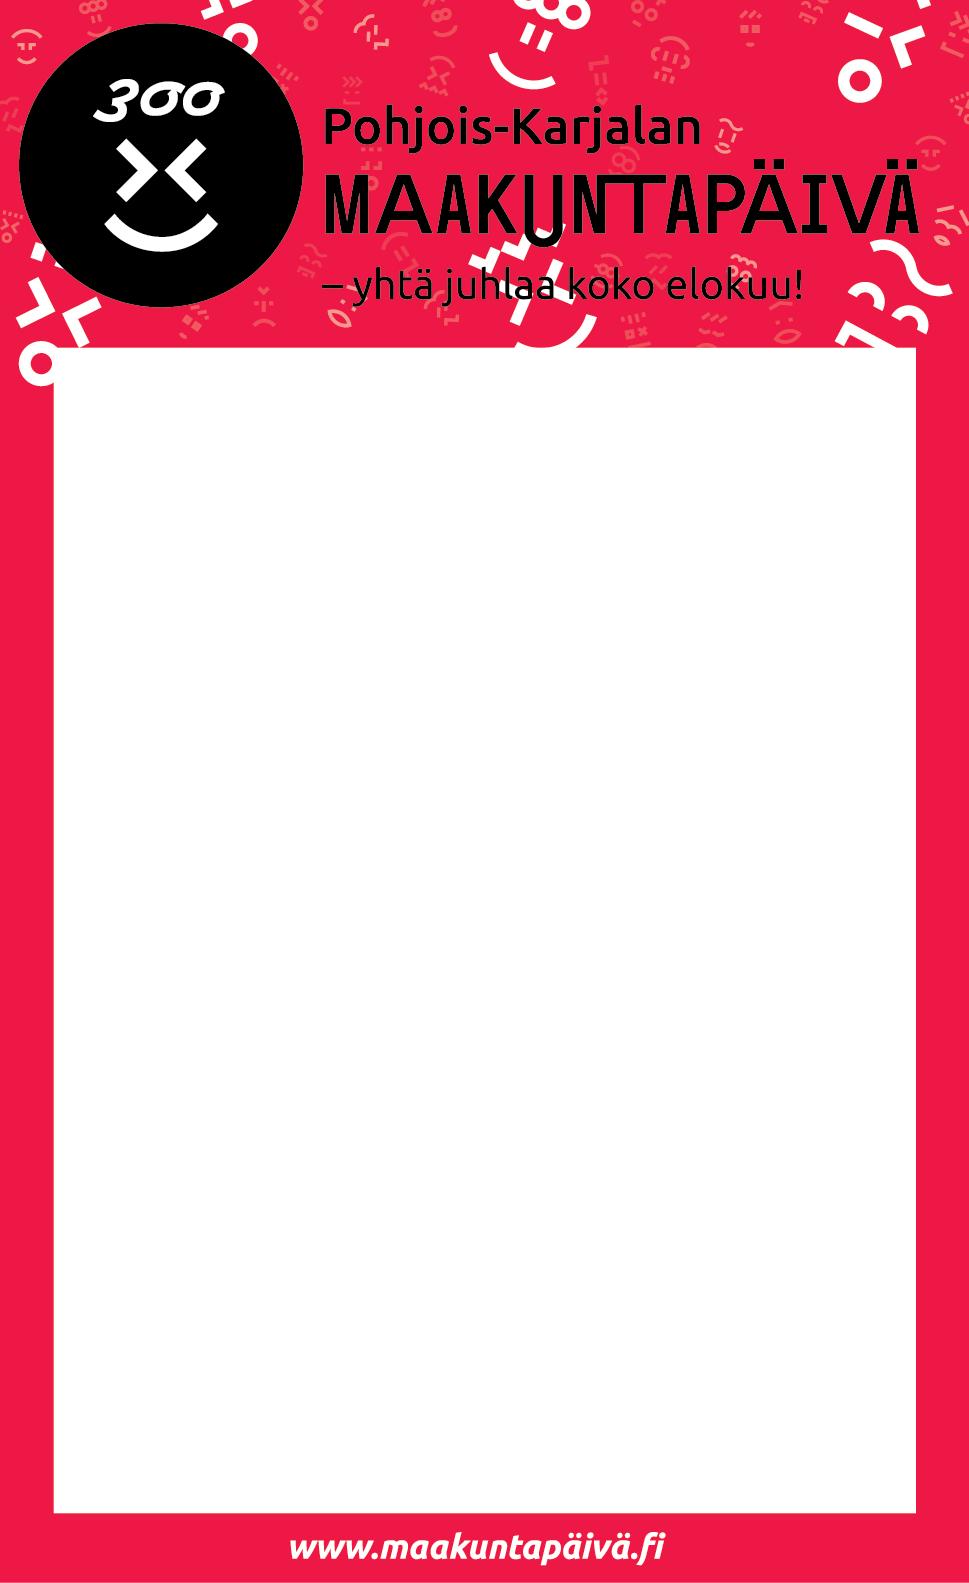 maakuntapäivän lehti-ilmoituspohja